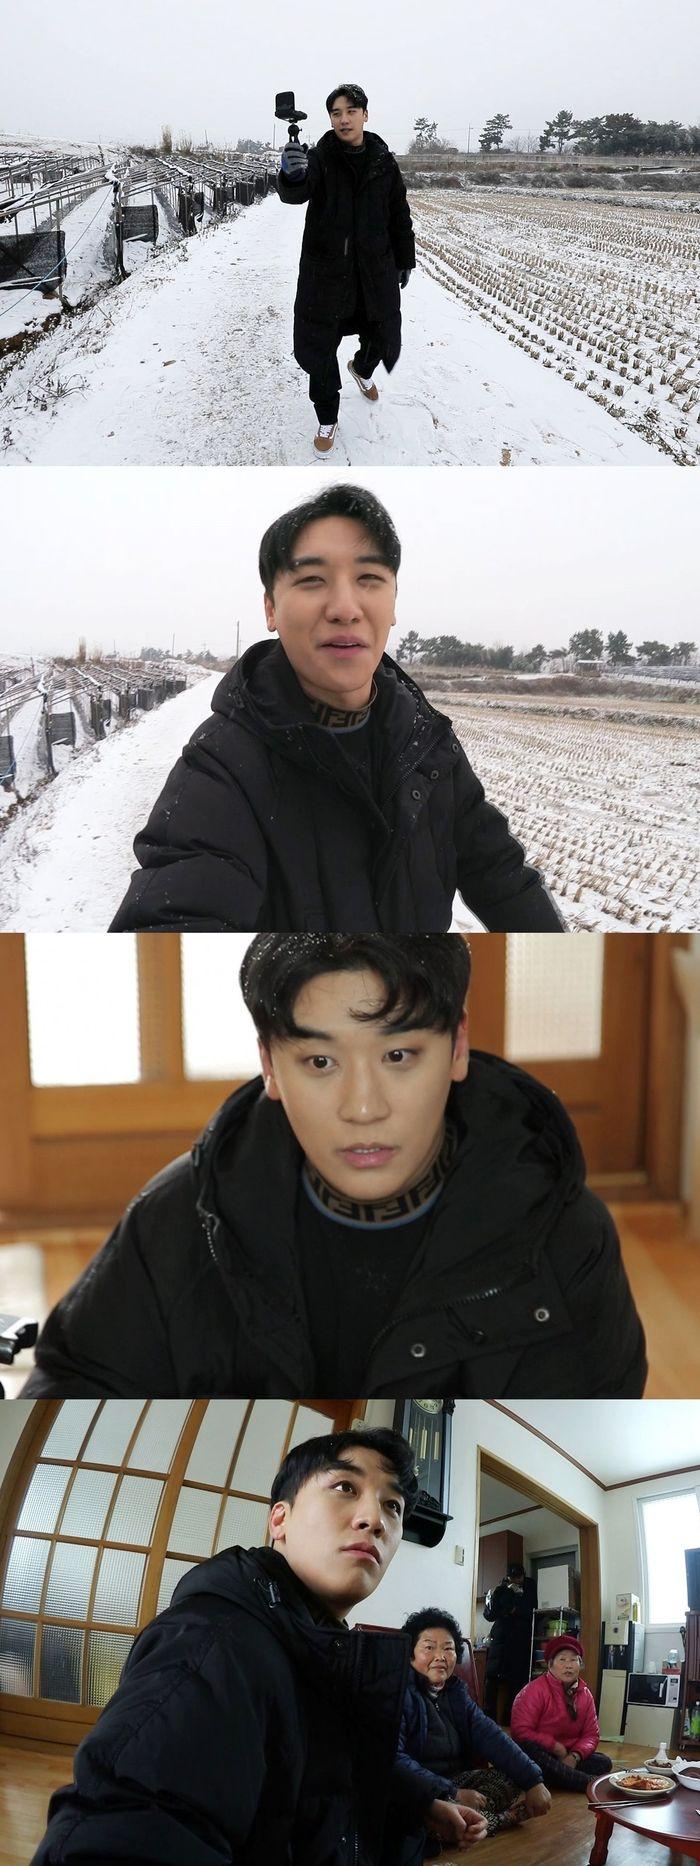 """승리, '가로채널' 채널 오픈…함박눈 맞으며 """"우리 형들 춥겠다"""" 빅뱅 걱정  기본이미지"""